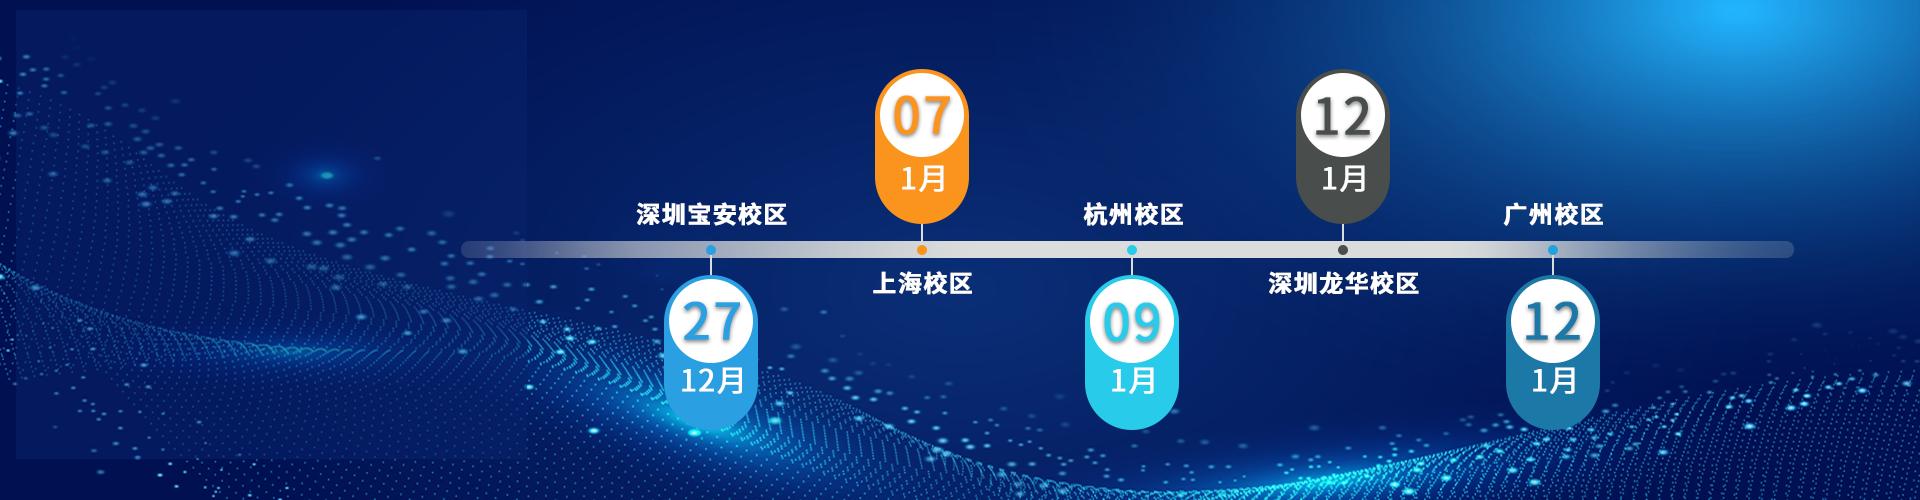 深圳多测师banner1